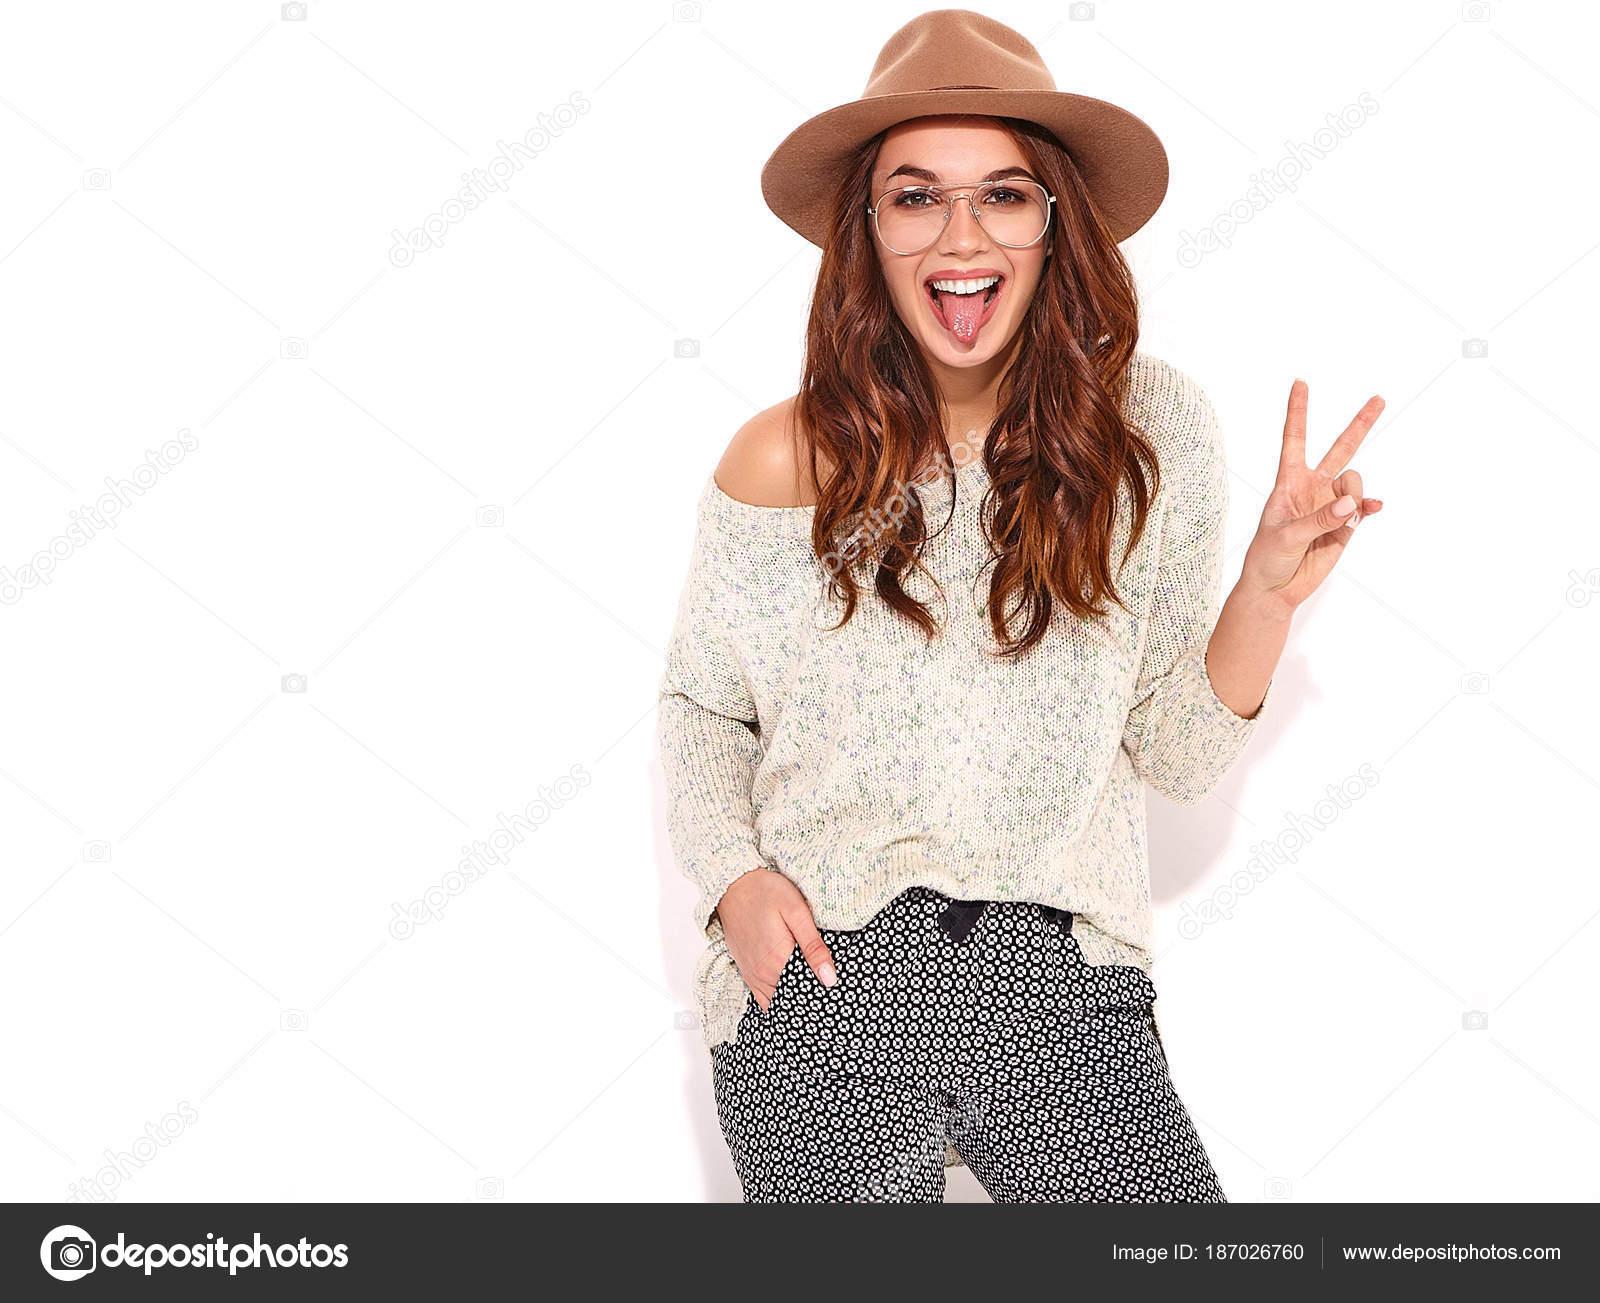 0e88569c3 Modelo de menina elegante nas roupas de verão casual no chapéu marrom com  maquiagem natural em copos isolado no fundo branco. Olhando para a câmera,  ...